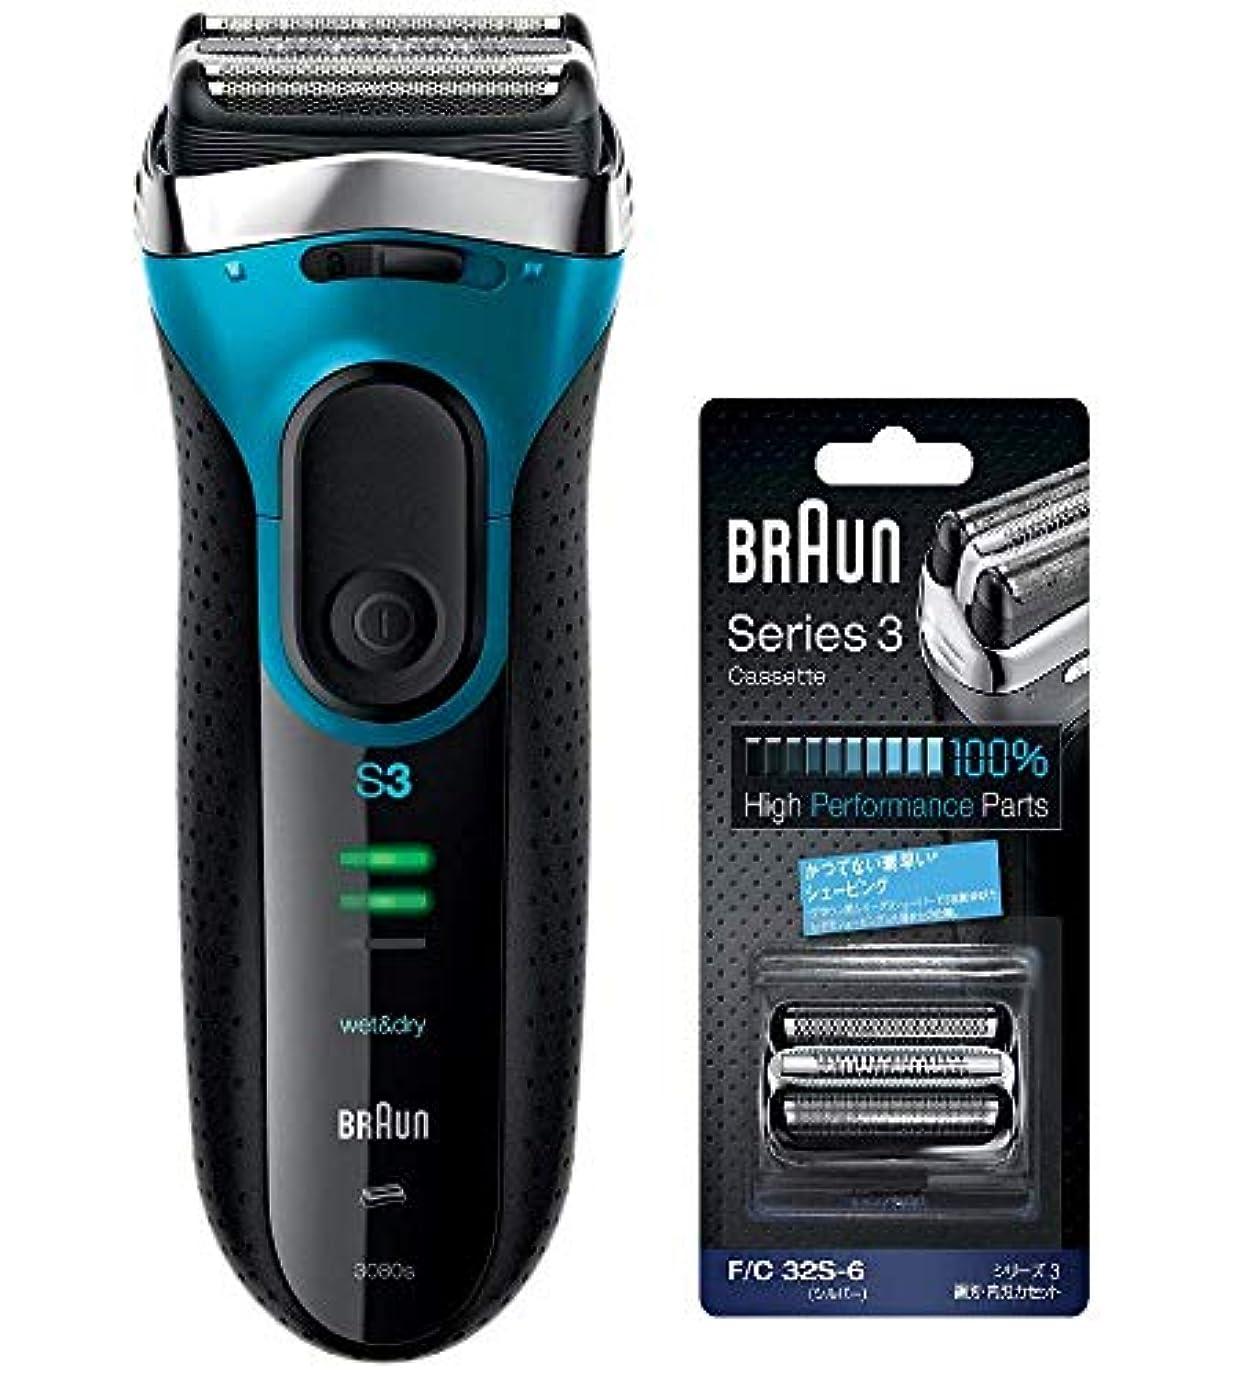 検出器排出スライムブラウン メンズ電気シェーバー シリーズ3 交換用替刃付 3080S-B-SET 3枚刃 水洗い/お風呂剃り可 ブルー